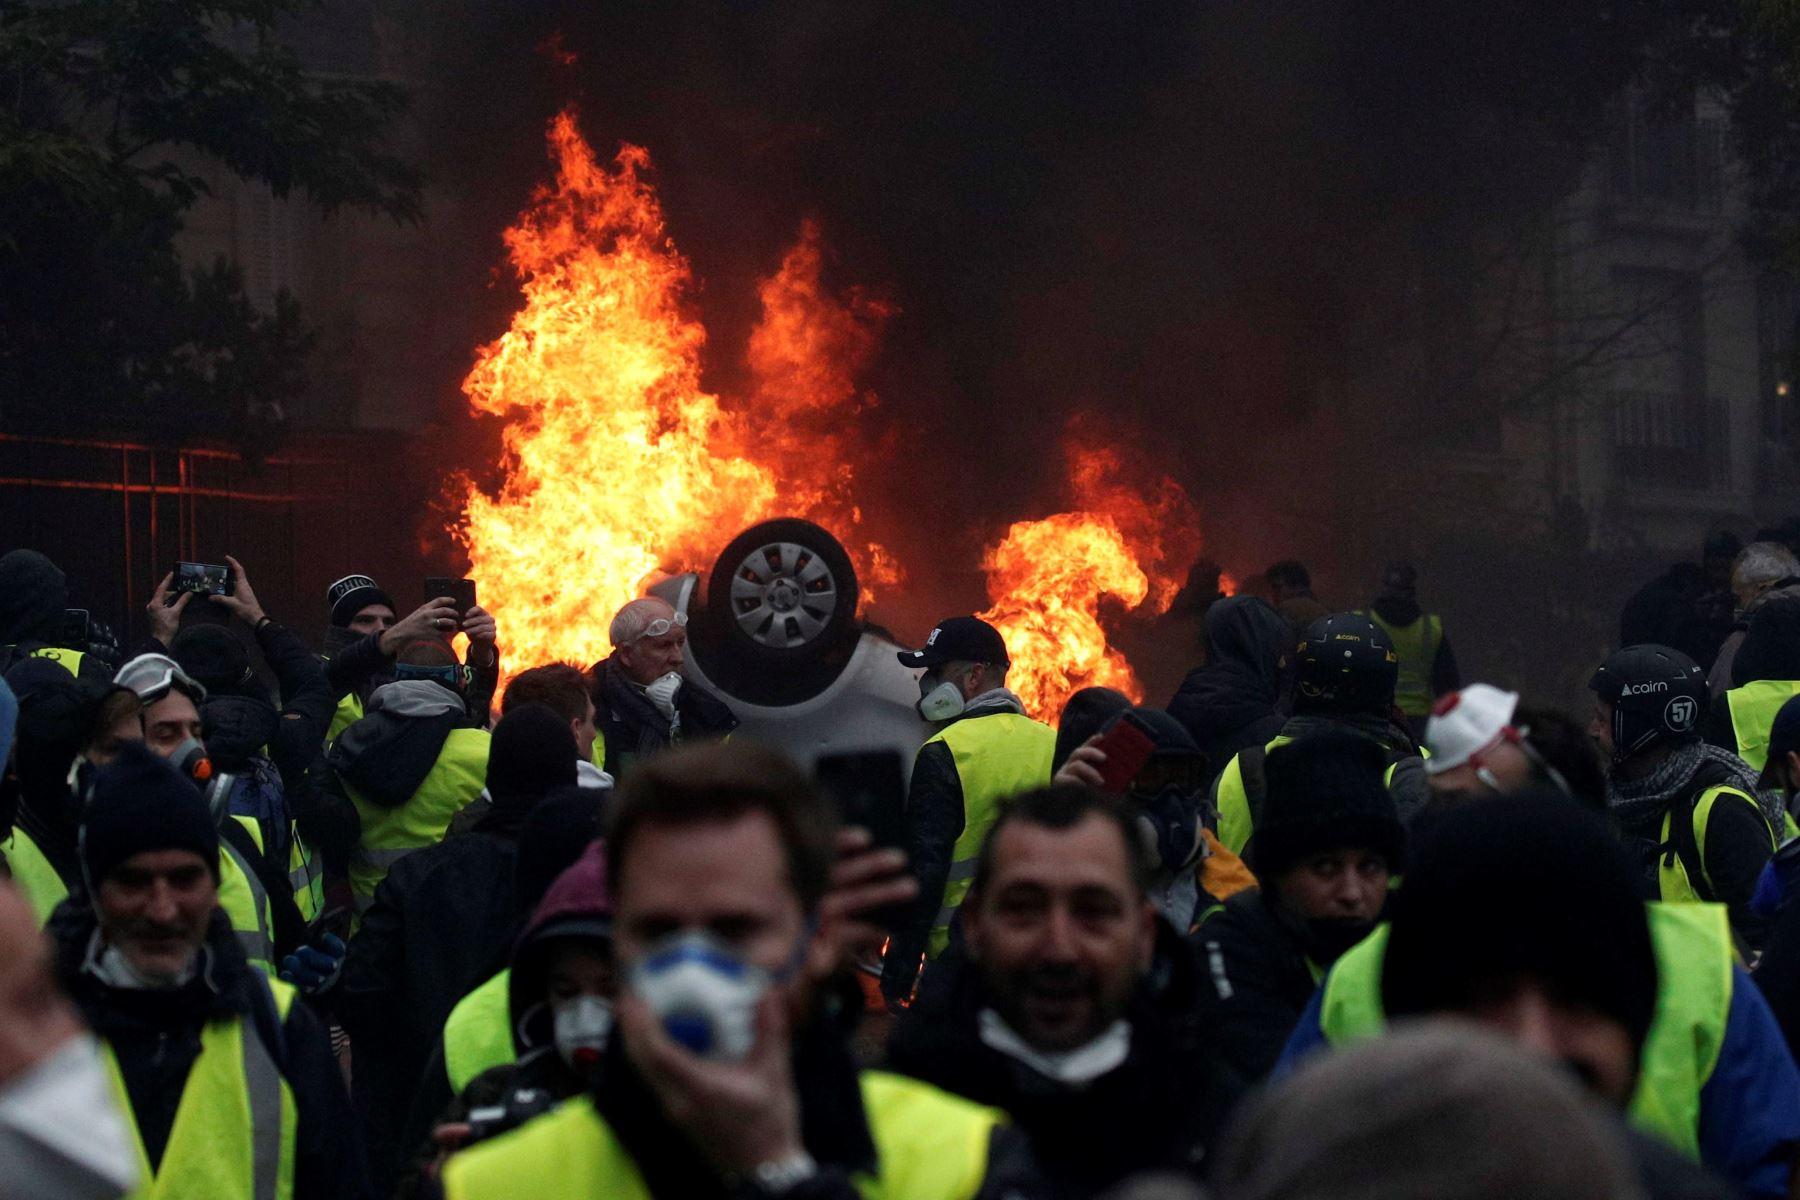 """Manifestantes con chalecos amarillos se enfrentan a la policía cerca del Arco del Triunfo de ParÌs, Francia. Las empresas francesas de transporte de mercancía en carretera (TRM, por sus siglas en francés) denunciaron hoy, 3 de diciembre de 2018, pérdidas de 400 millones de euros debido a los bloqueos de camiones del movimiento de los """"chalecos que amarillos"""" desde hace casi tres semanas. EFE"""